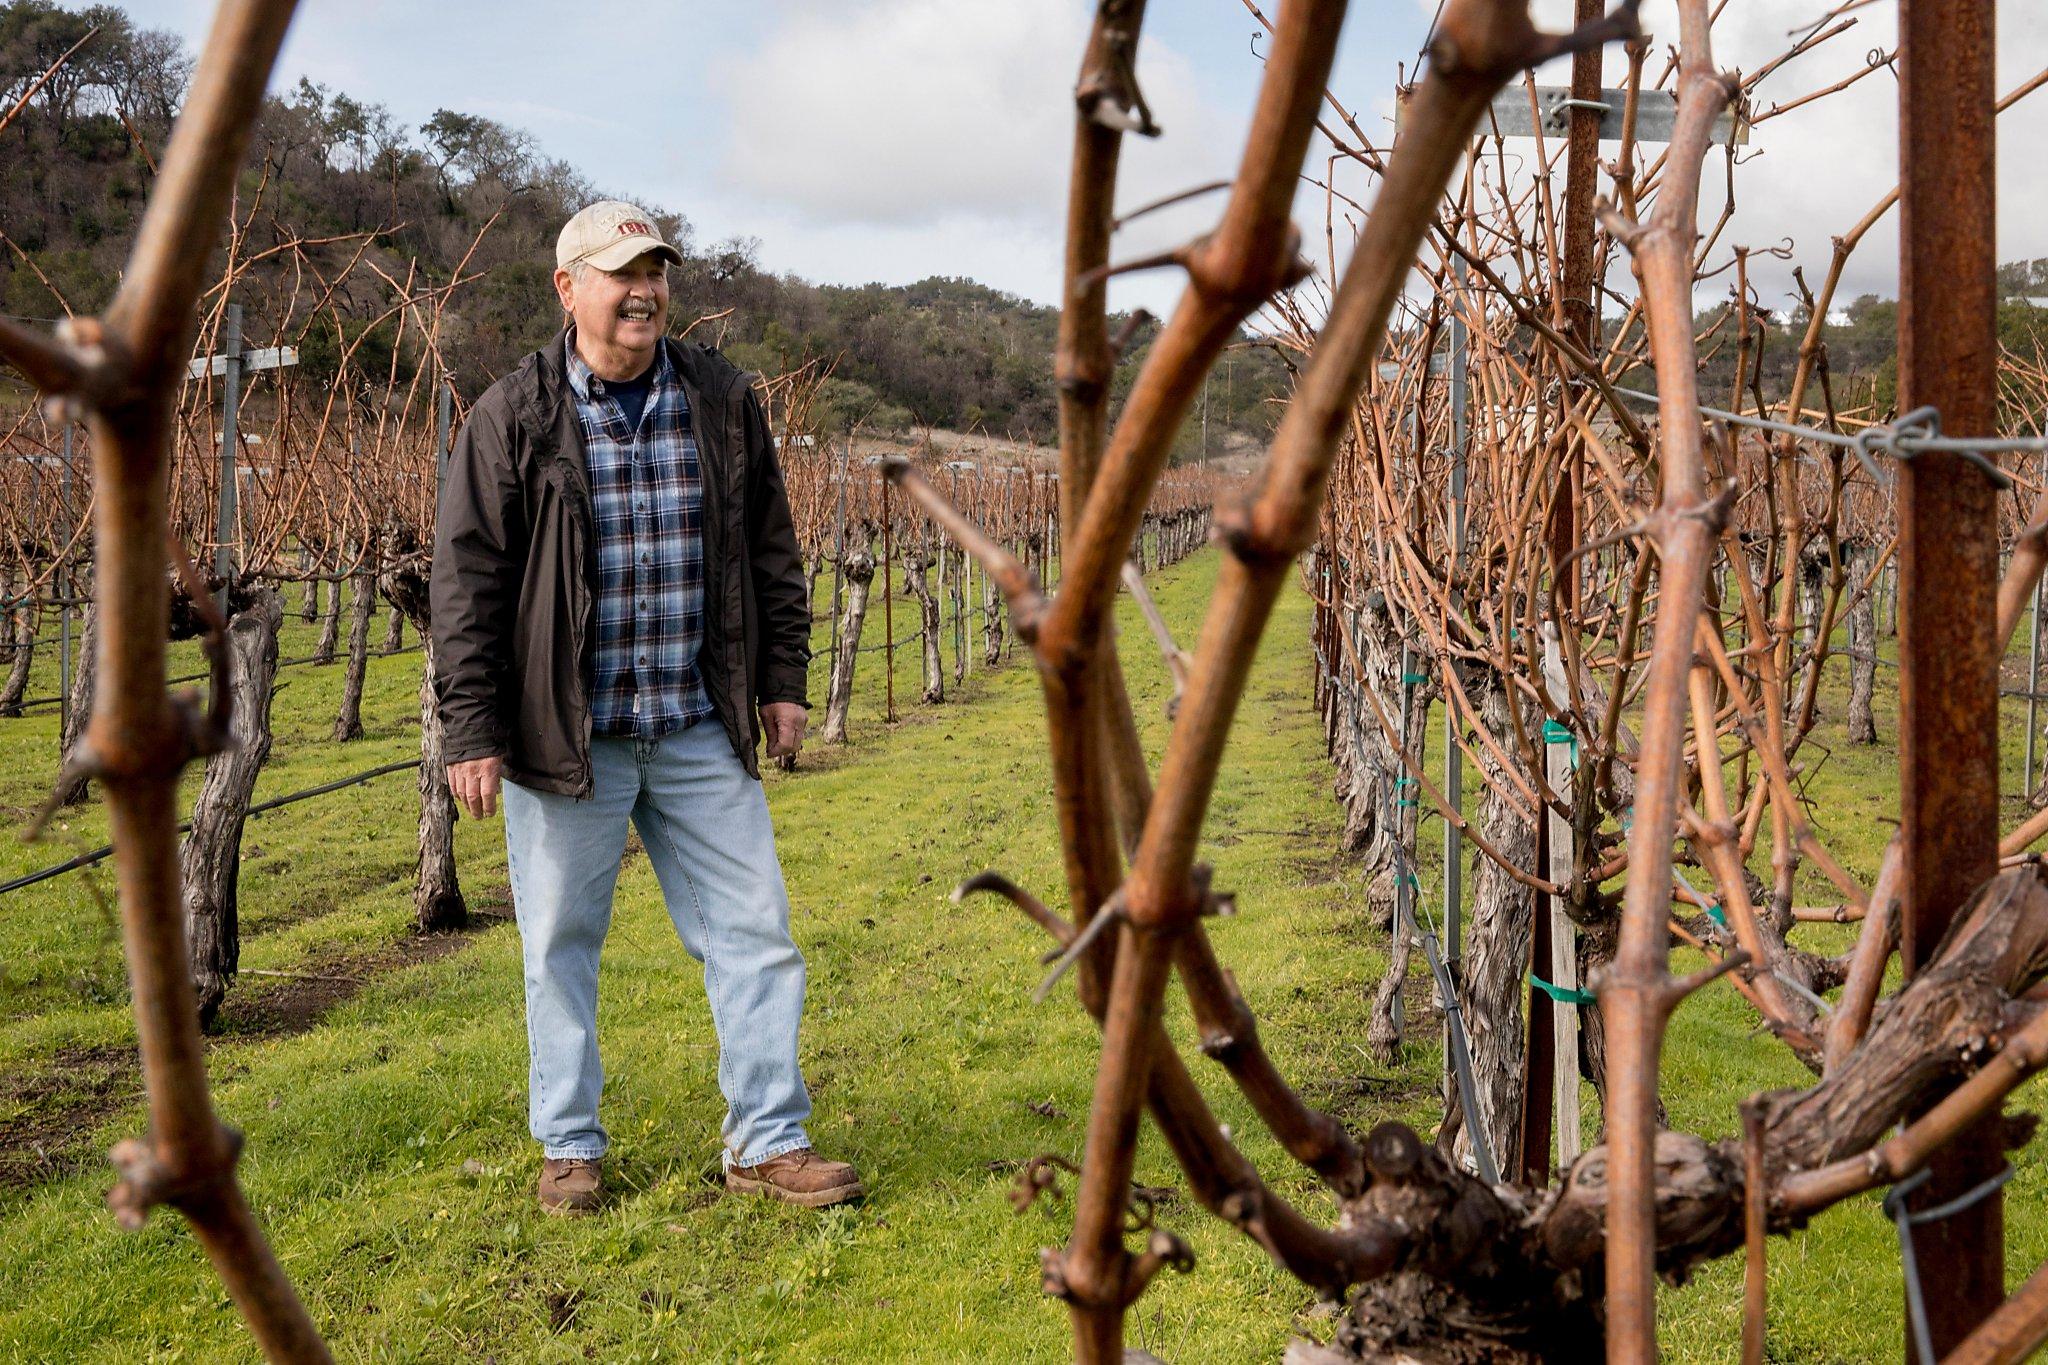 Vineyards Versus Vernal Pools: On Napa's Atlas Peak, A Neighbors' Dispute Turns Ugly photo